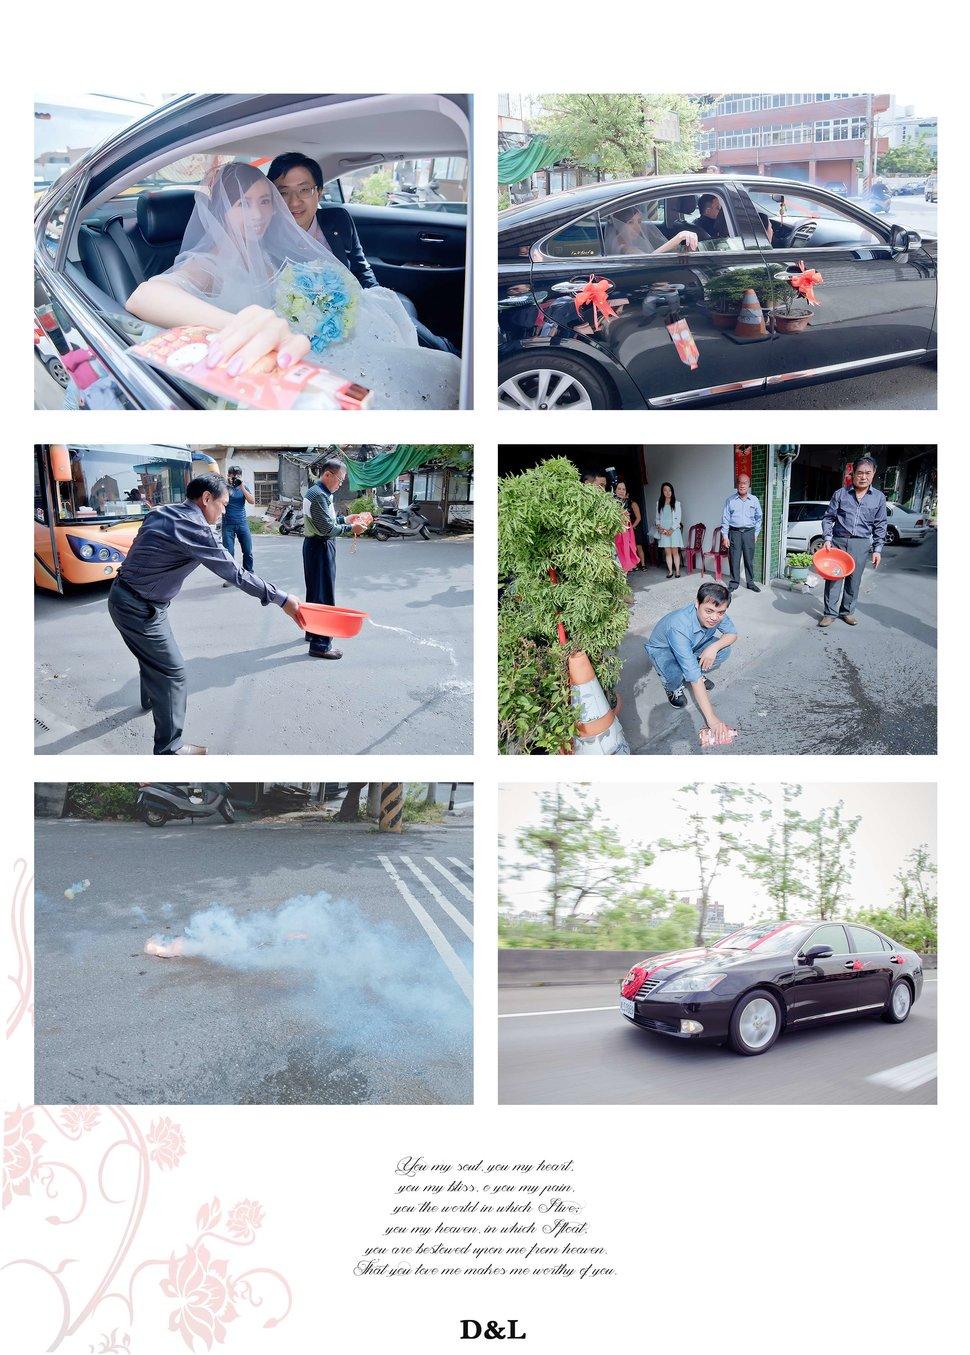 台中婚攝 婚禮記錄 訂結午宴 球愛物語景觀婚禮會館 平面攝影(編號:374401) - D&L 婚禮事務-婚紗攝影/婚禮記錄 - 結婚吧